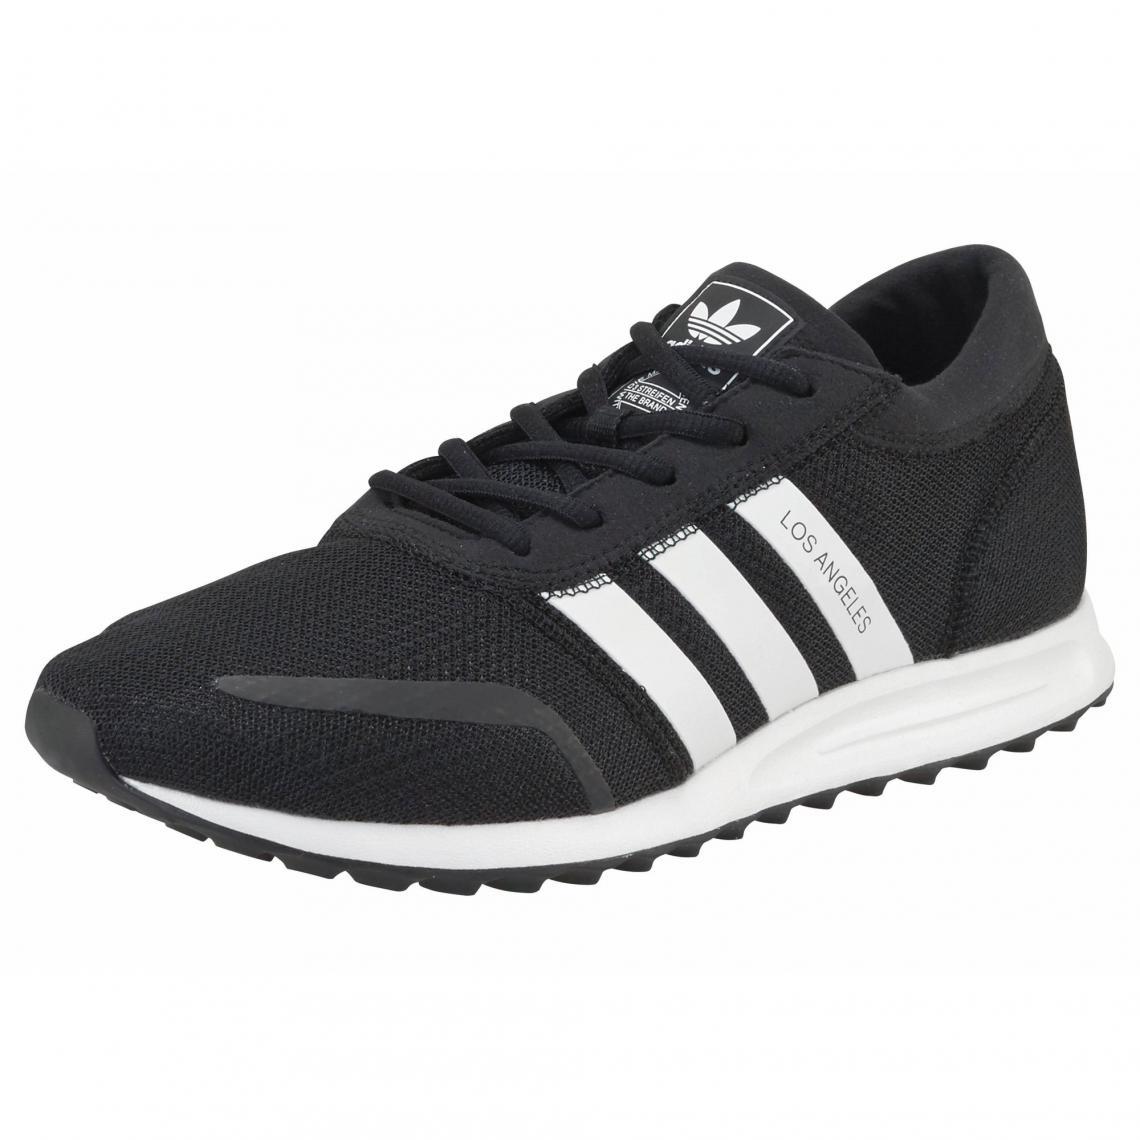 938e2778e netherlands adidas originals noir and or chaussures e74db 5ec9c